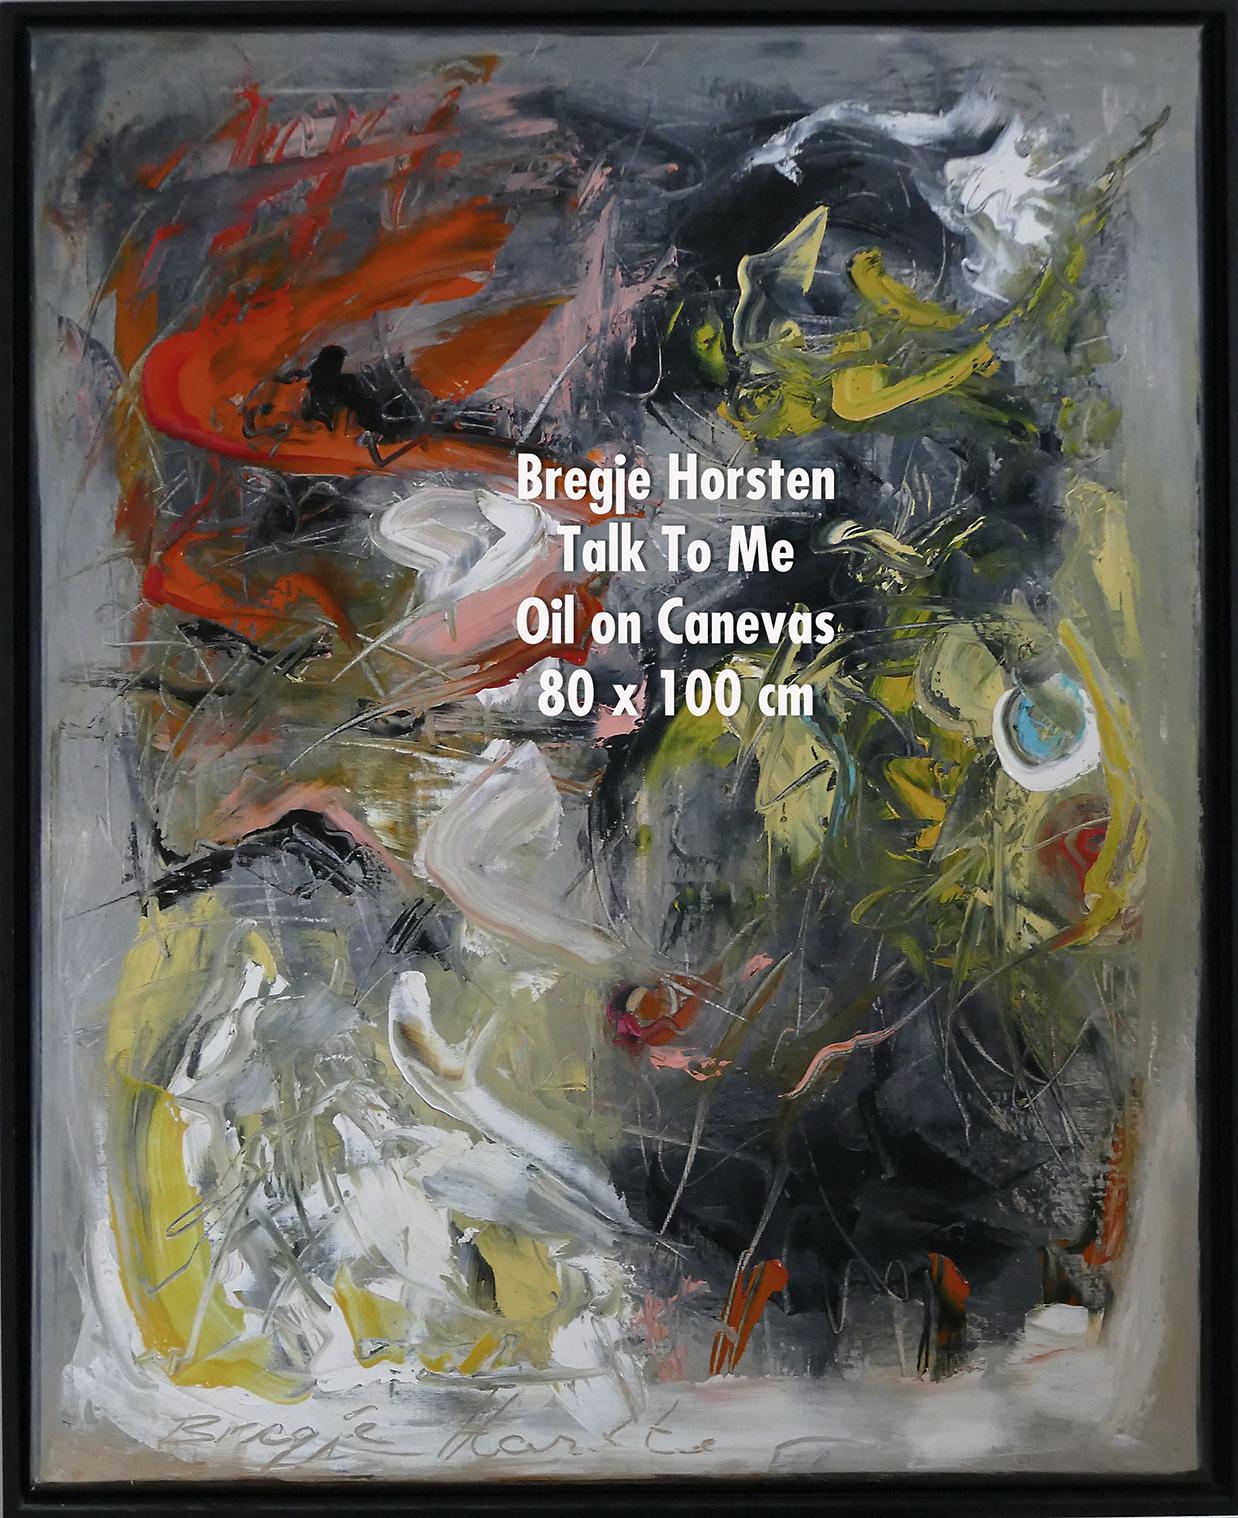 Bregje Horsten Talk To Me Oil on Canevas